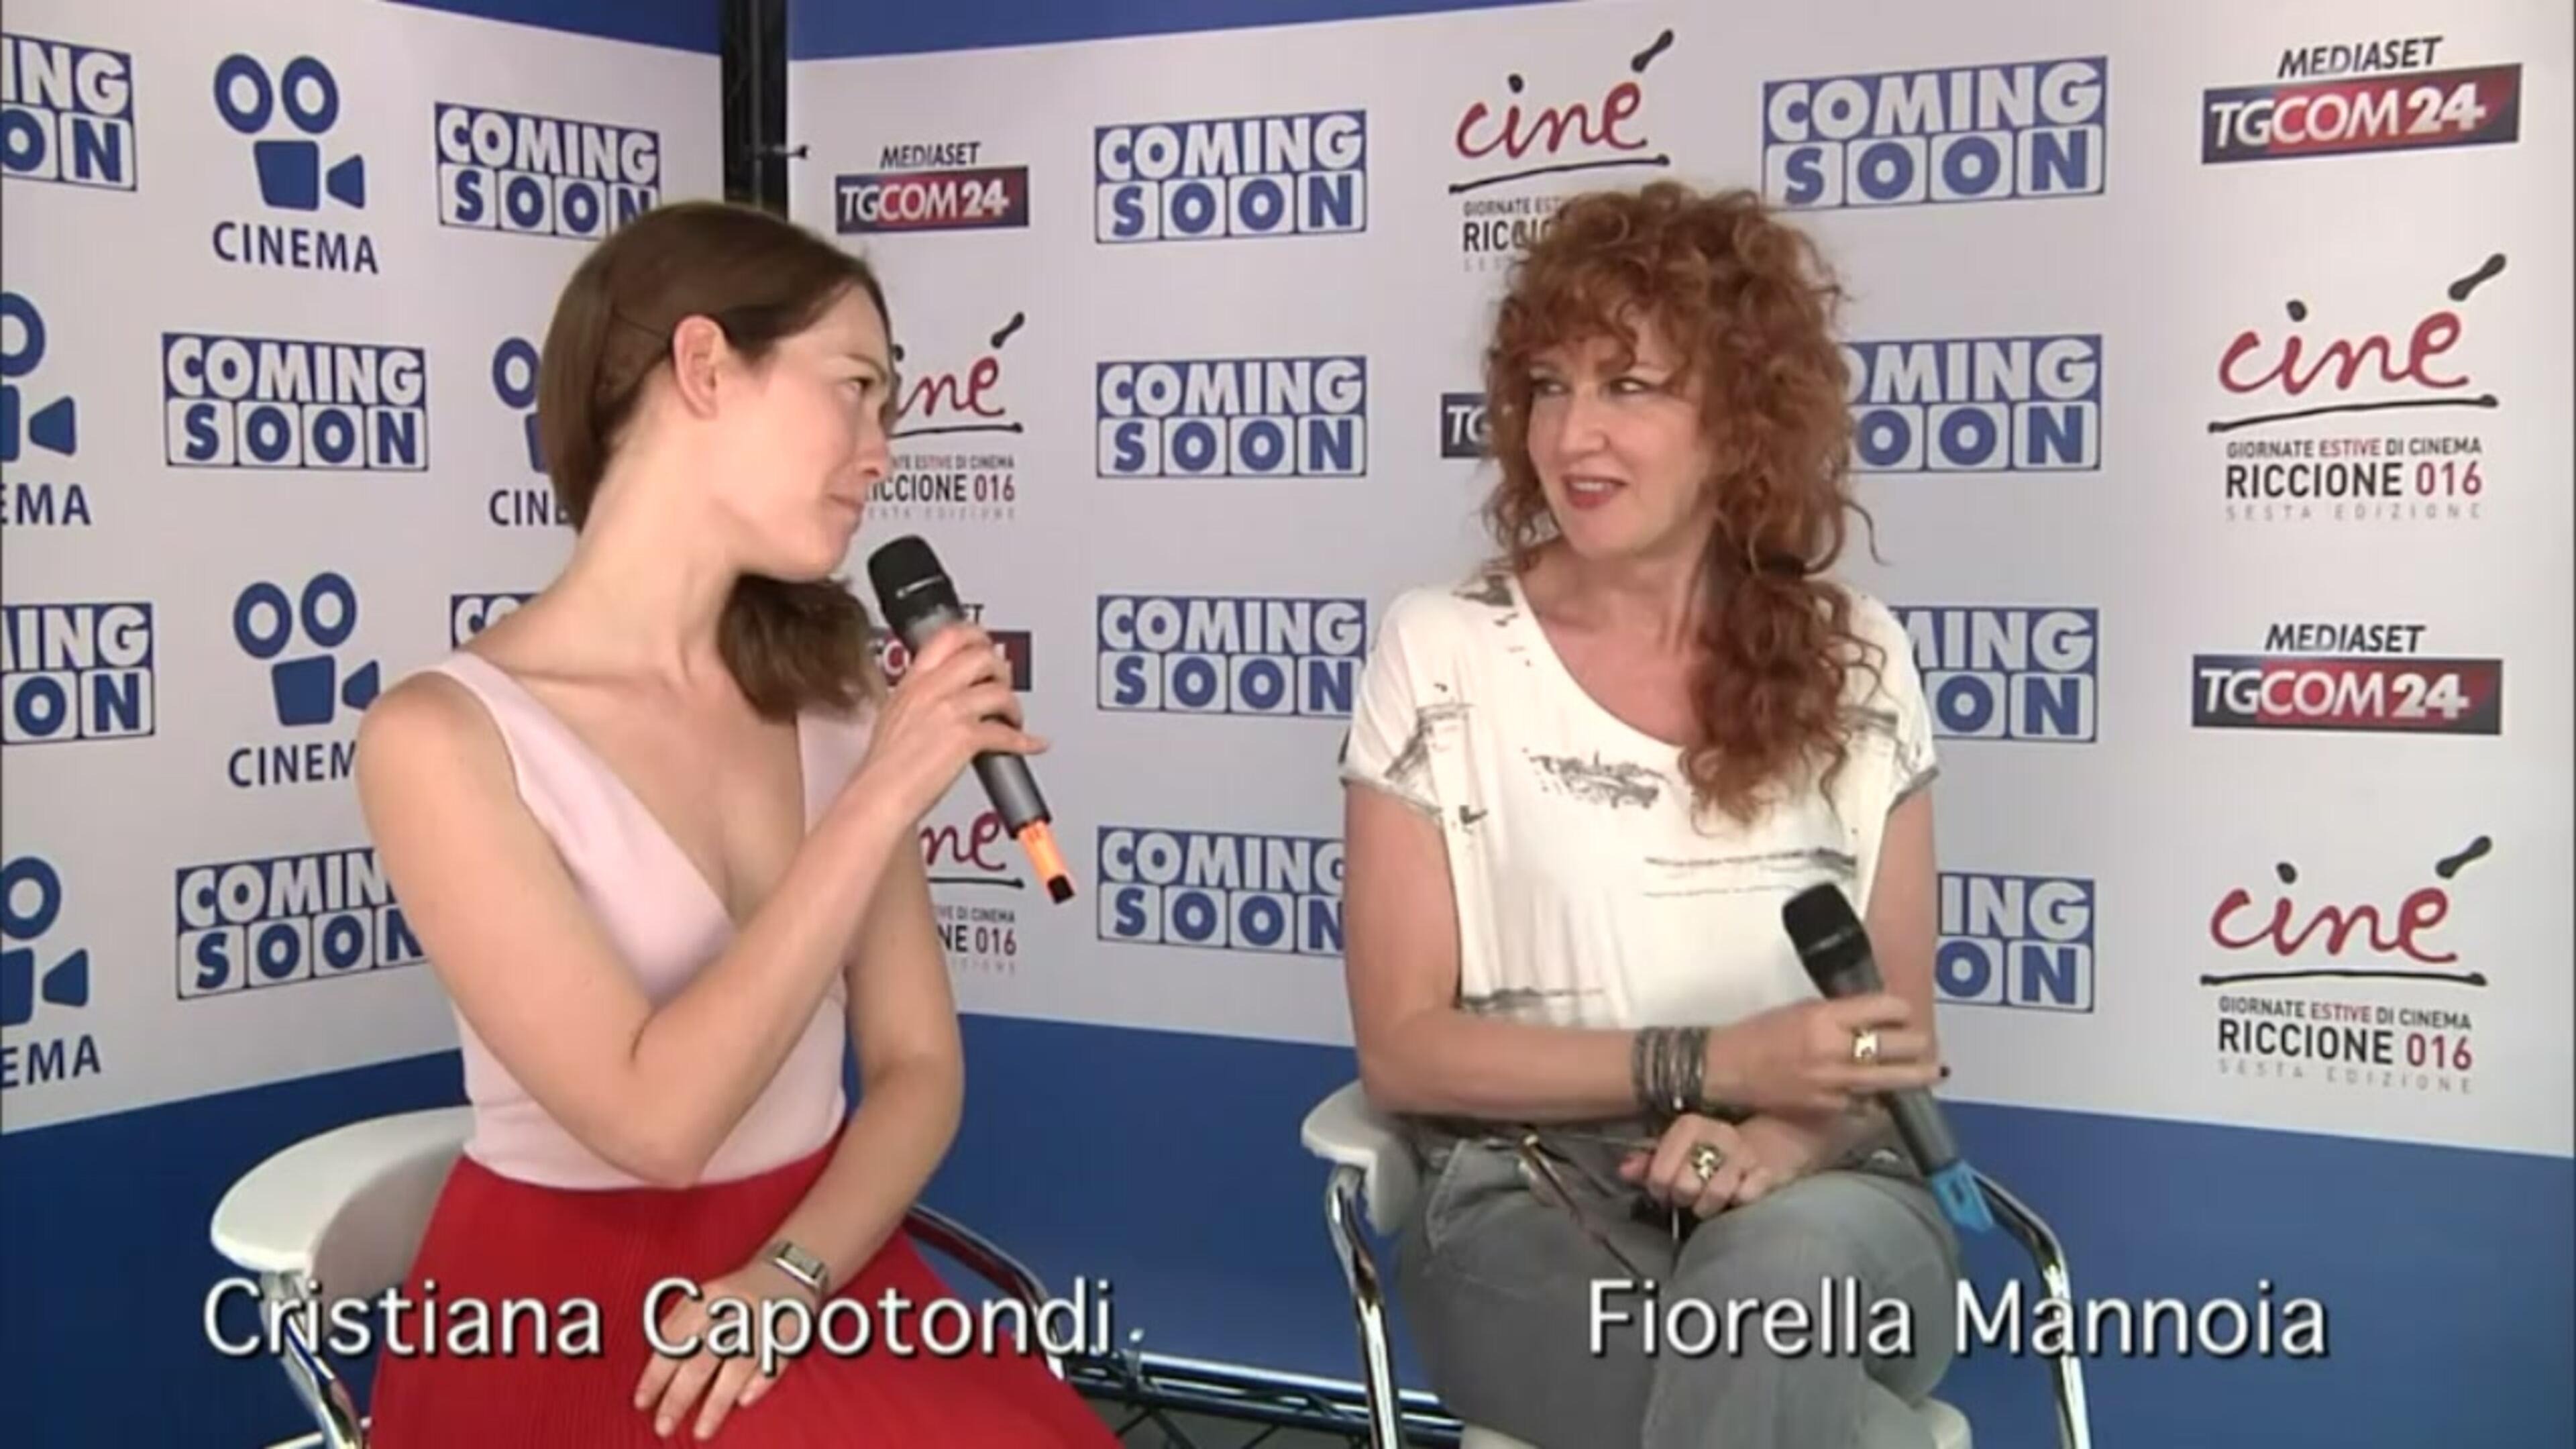 Ciné - Mannoia e Capotondi, madre e figlia operaie in 7 minuti di Michele Placido.